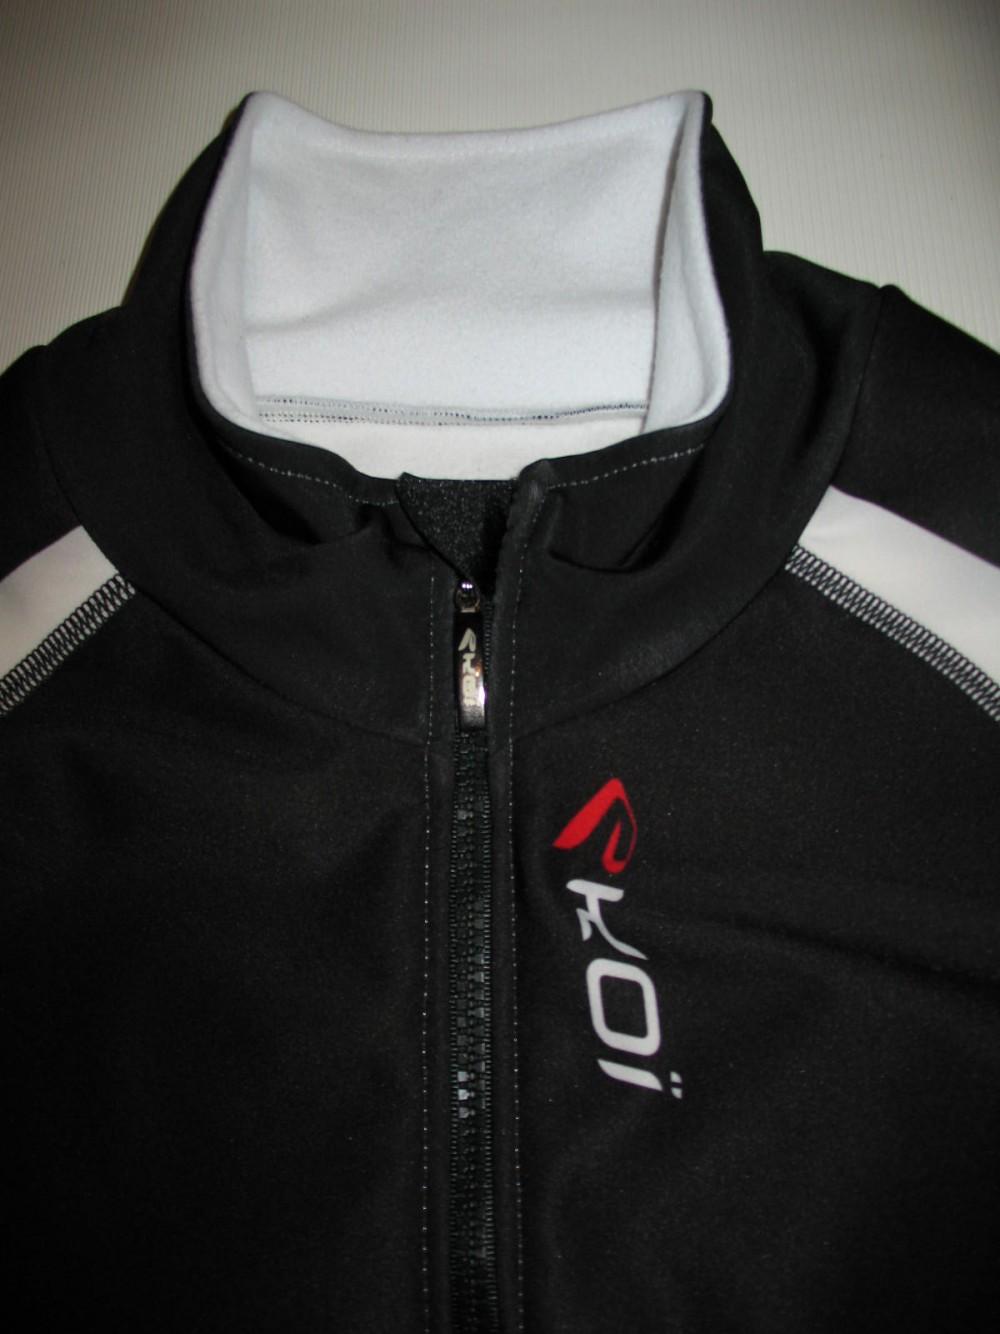 Велокуртка EKOI perfolinea cycling jacket (размер L) - 2